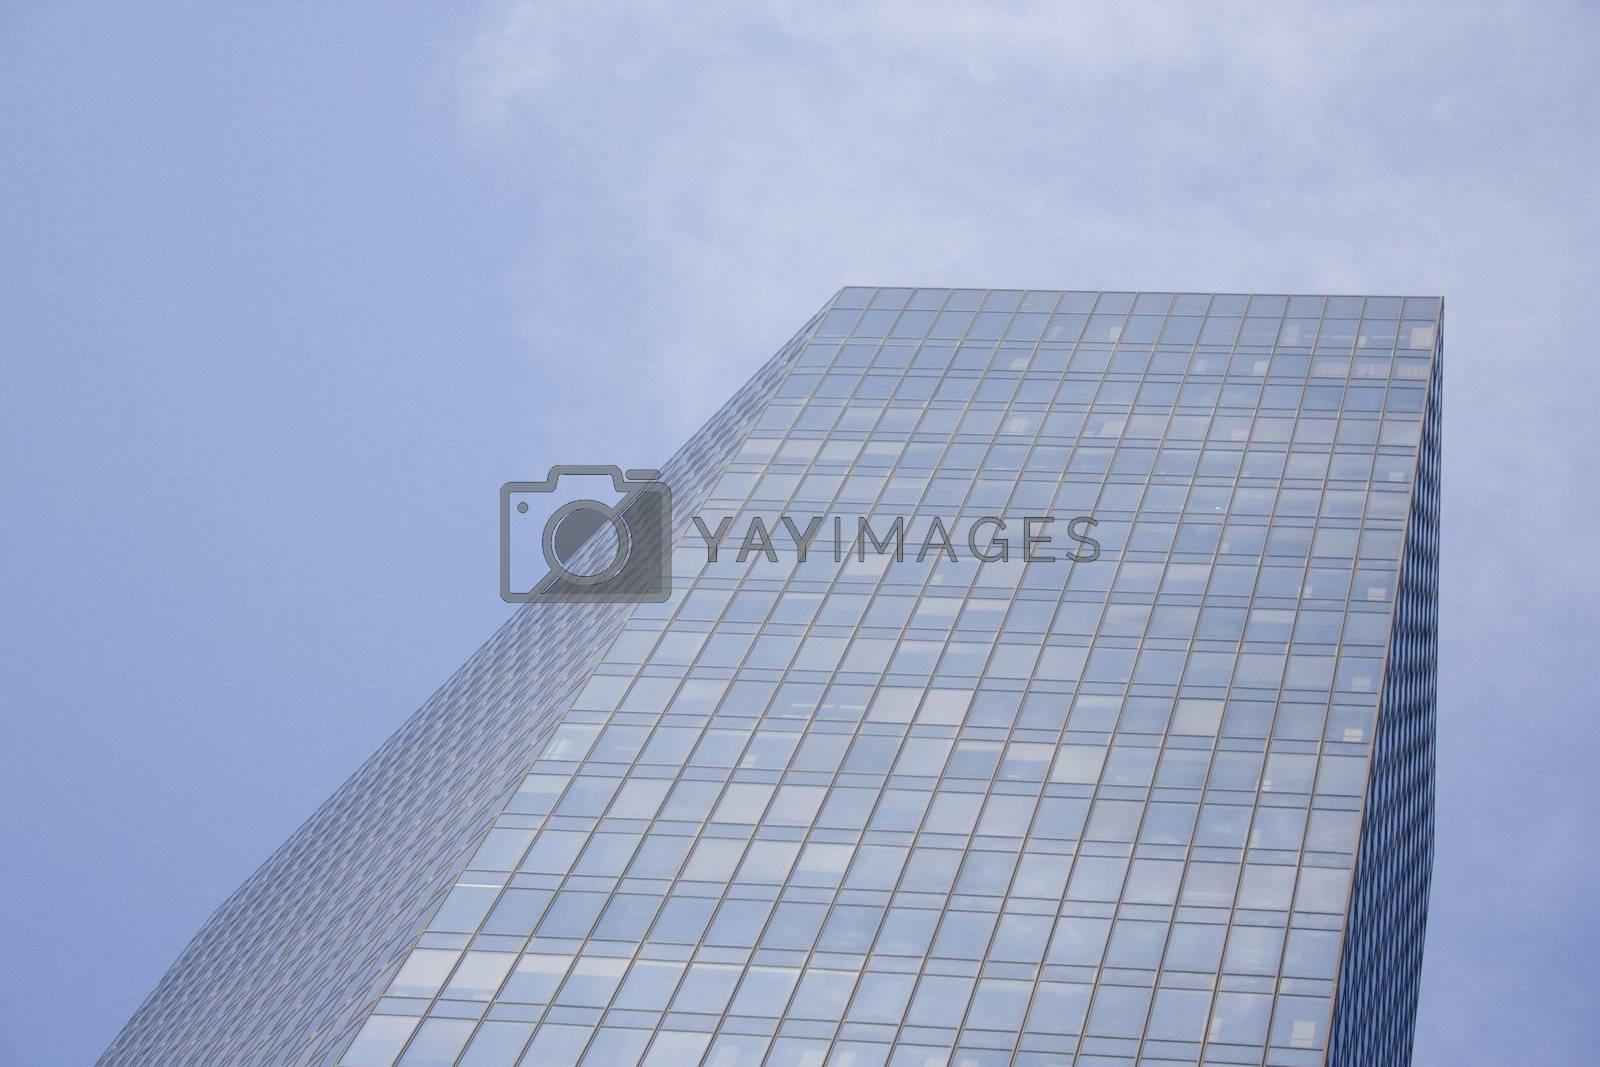 Angled Skyscraper by jclardy